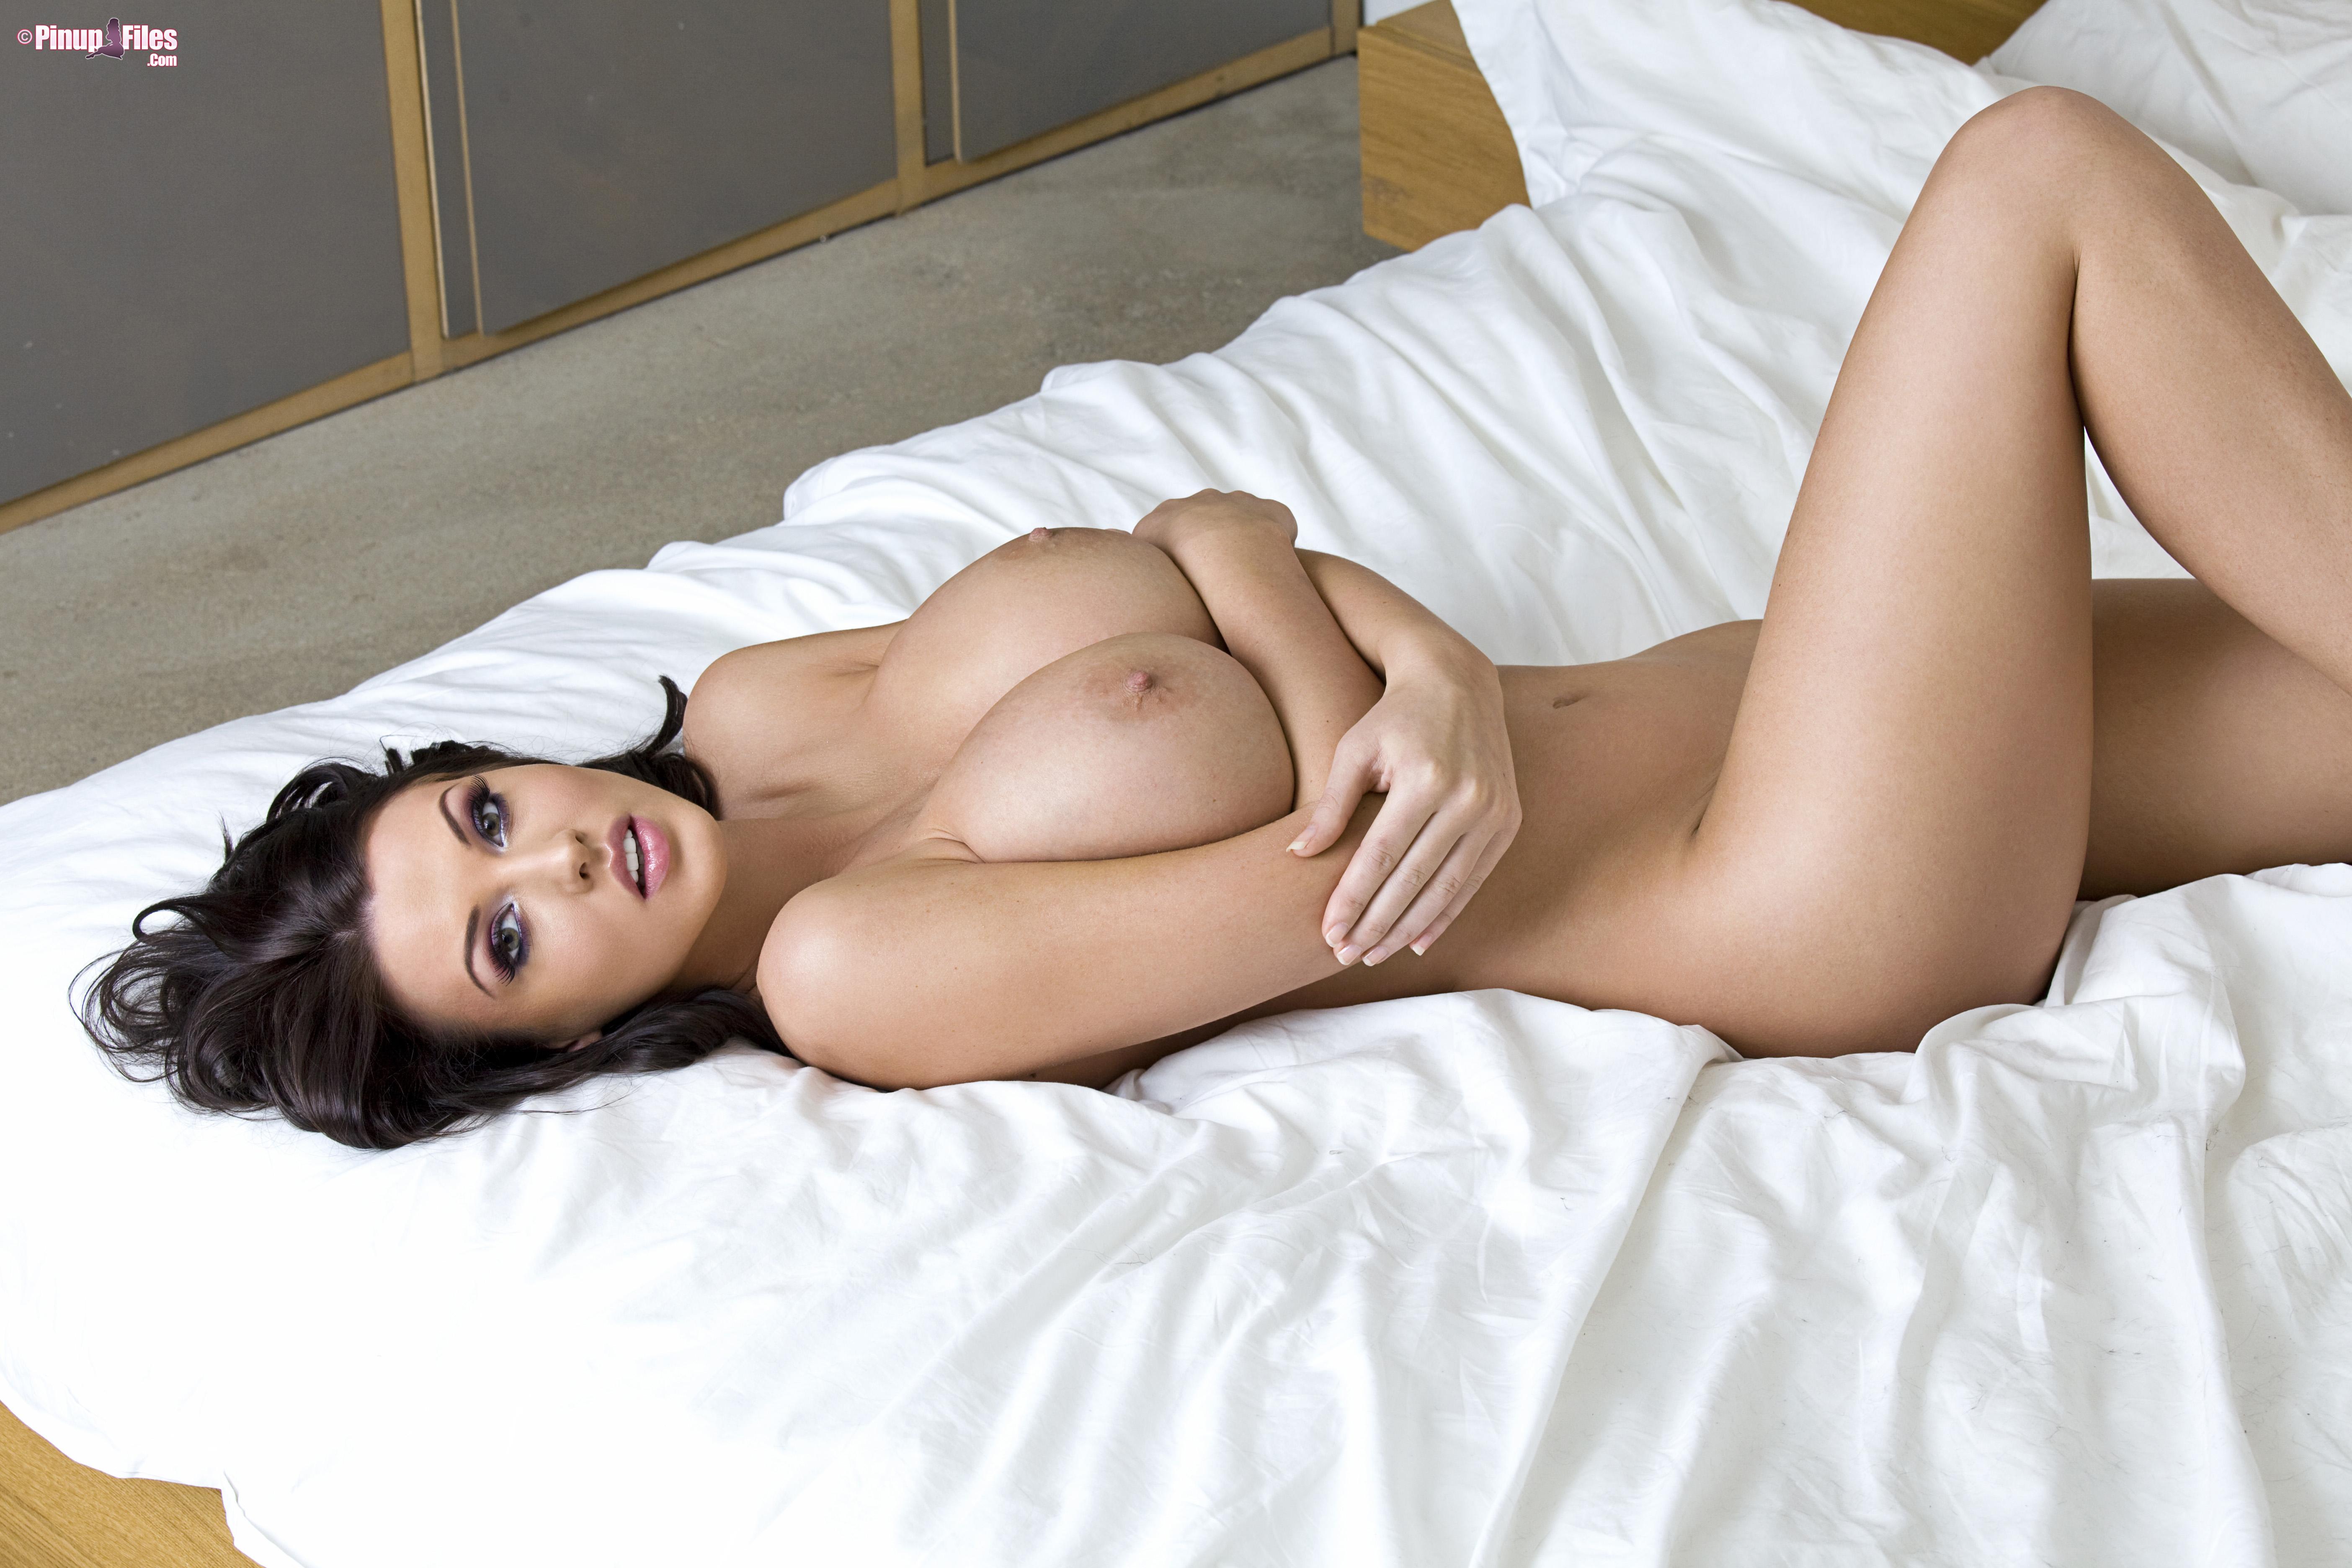 Эротического фото девушек с большой грудью 18 фотография